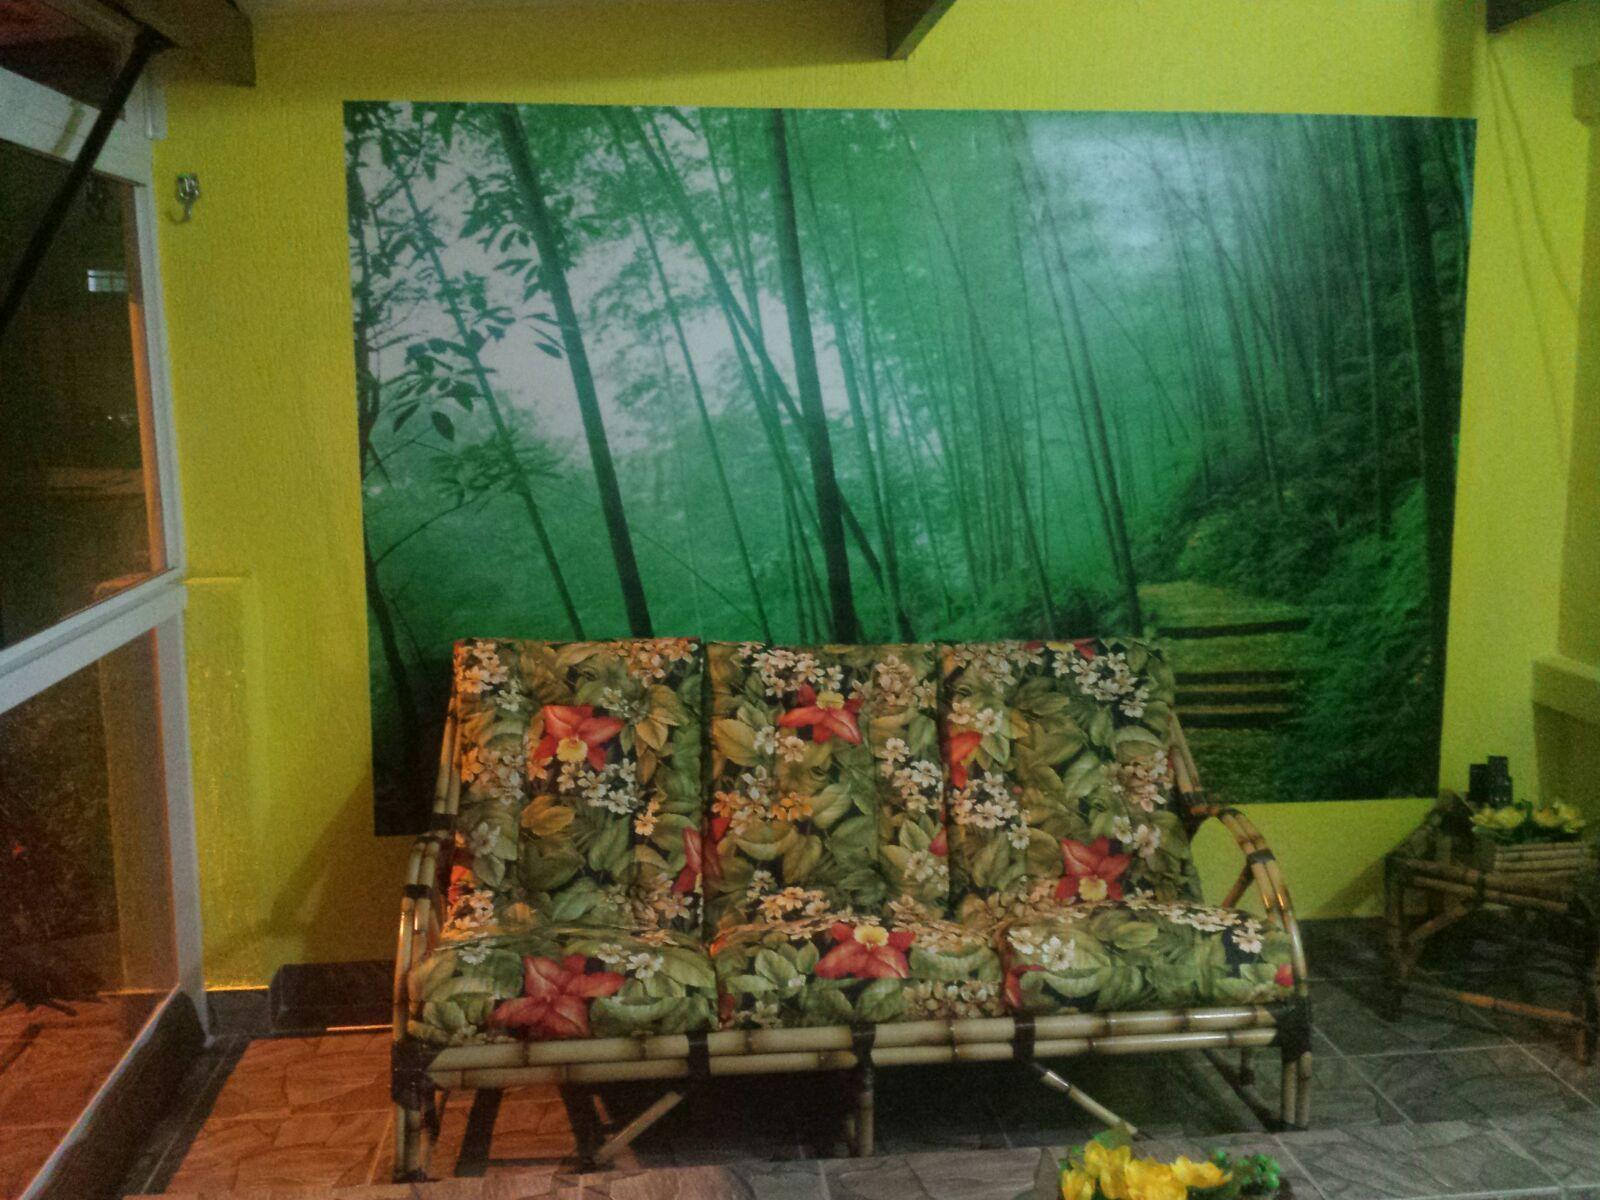 Arte De Paisagem Pintado Em Parede De Sala Pintura Residencial  -> Arte Parede Sala